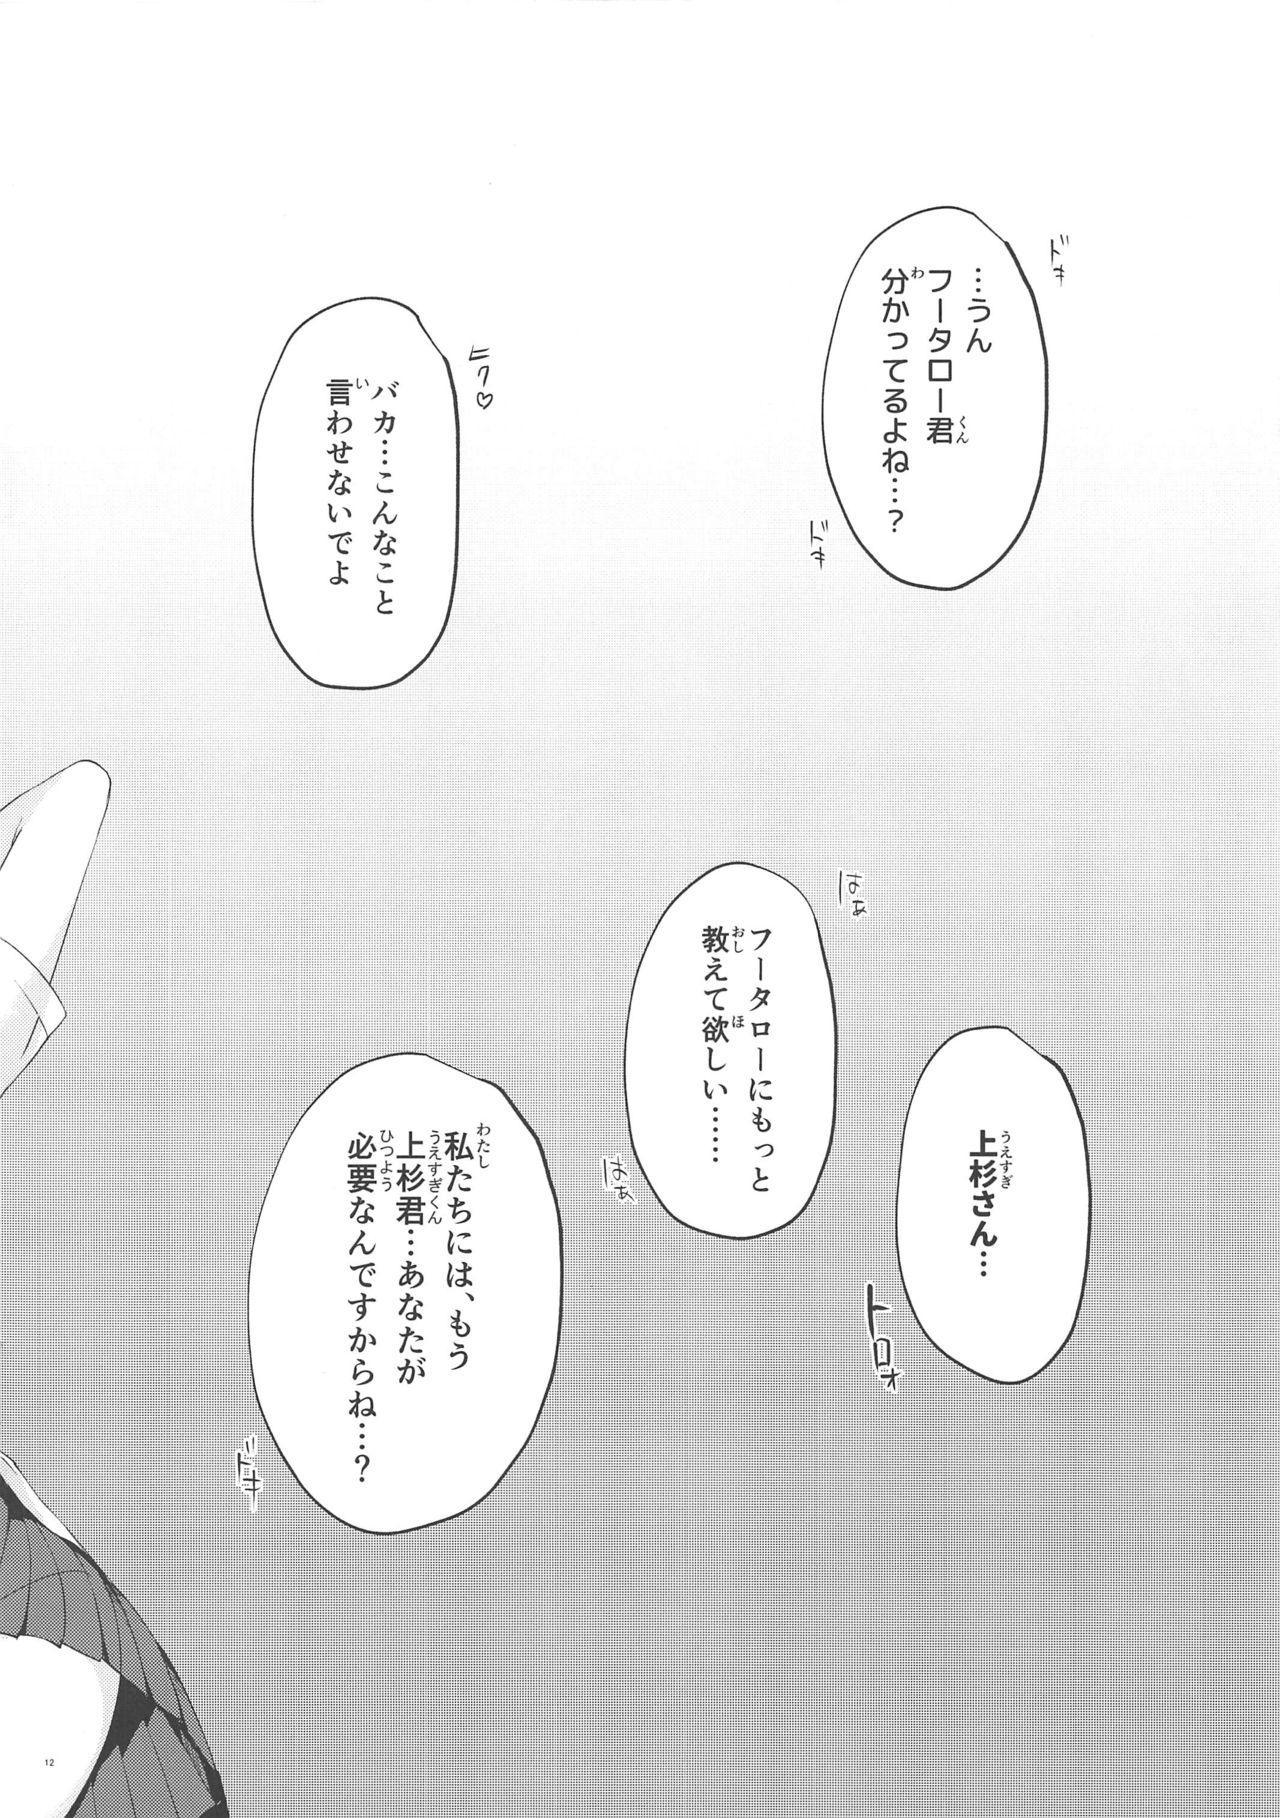 (C97) [Samurai Ninja GREENTEA] Gobun no Go -After- -Nakano-ke Itsutsugo Harem END- (Gotoubun no Hanayome) 10